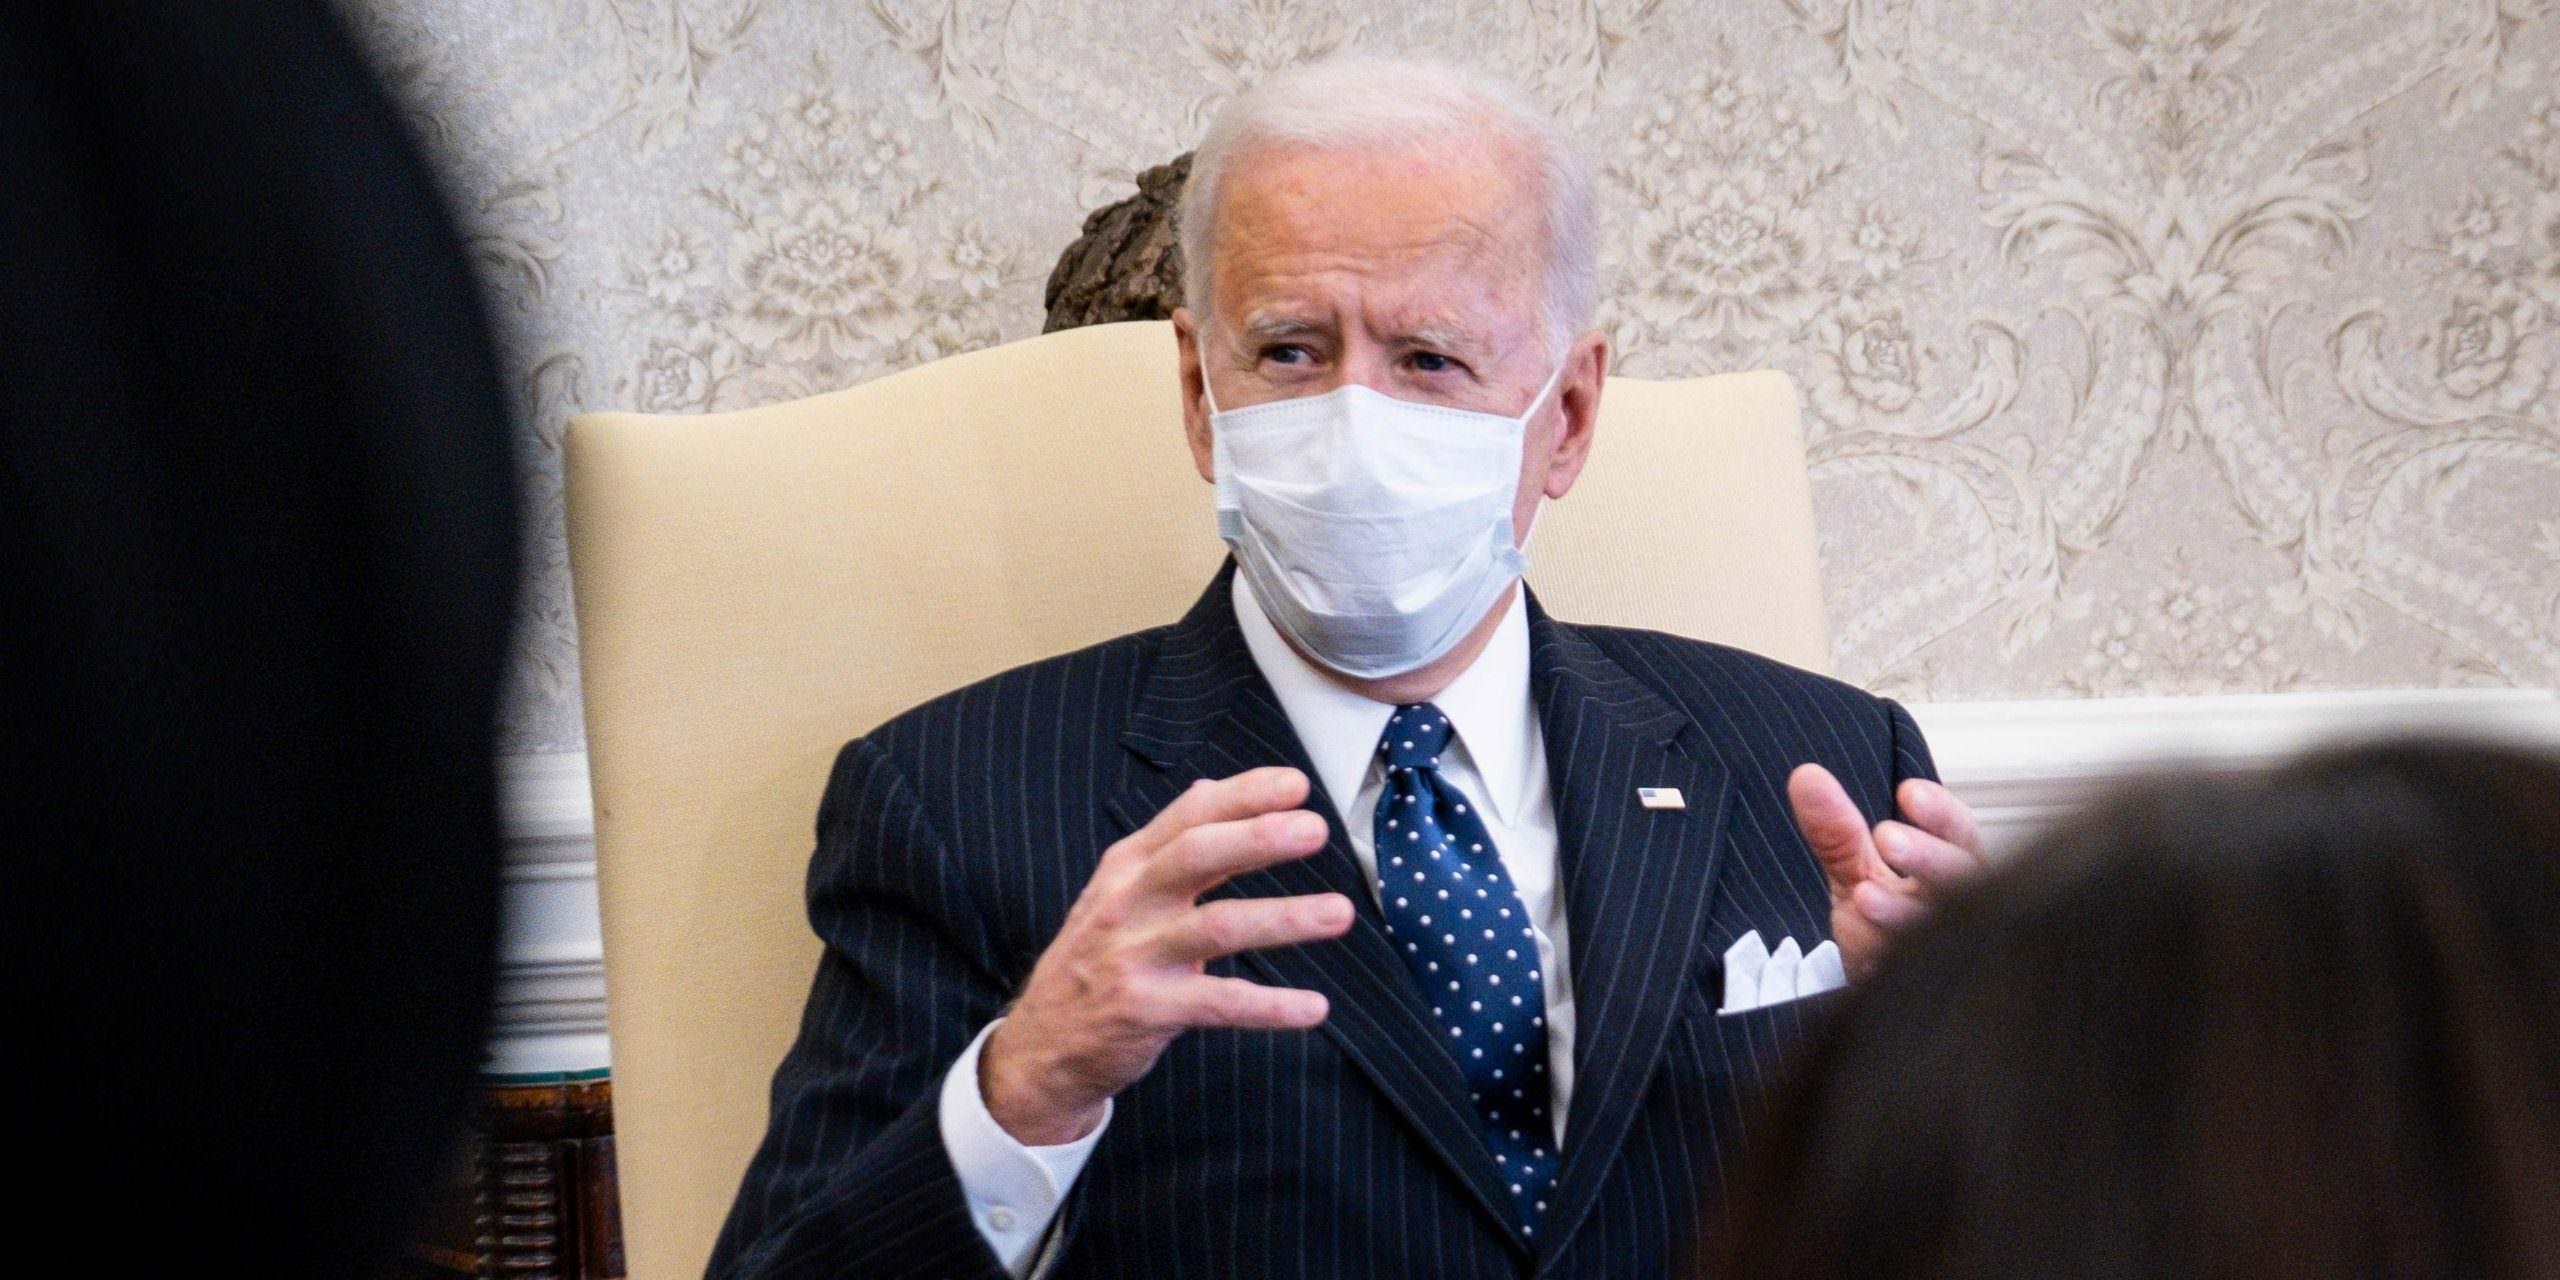 Depois que Biden perdeu os caucuses de Iowa em 2020, os funcionários sugeriram que ele refinanciasse sua casa, diz o novo livro